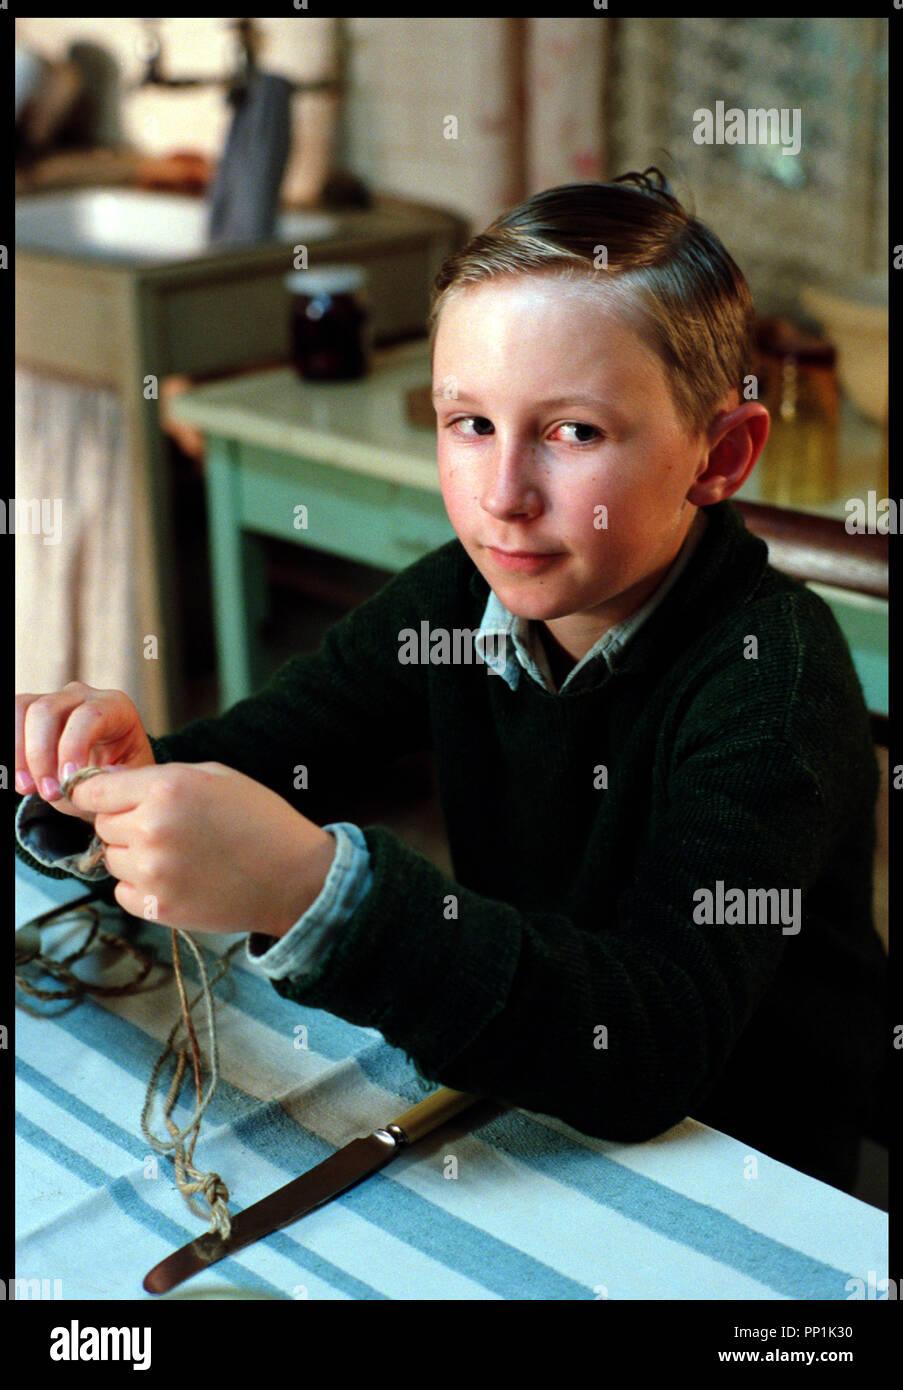 Prod DB © Grosvenor Park - CBL / DR SPIDER (SPIDER) de David Cronenberg 2002 USA avec Bradley Hall enfant, portrait d'apres le roman de Patrick McGrath - Stock Image